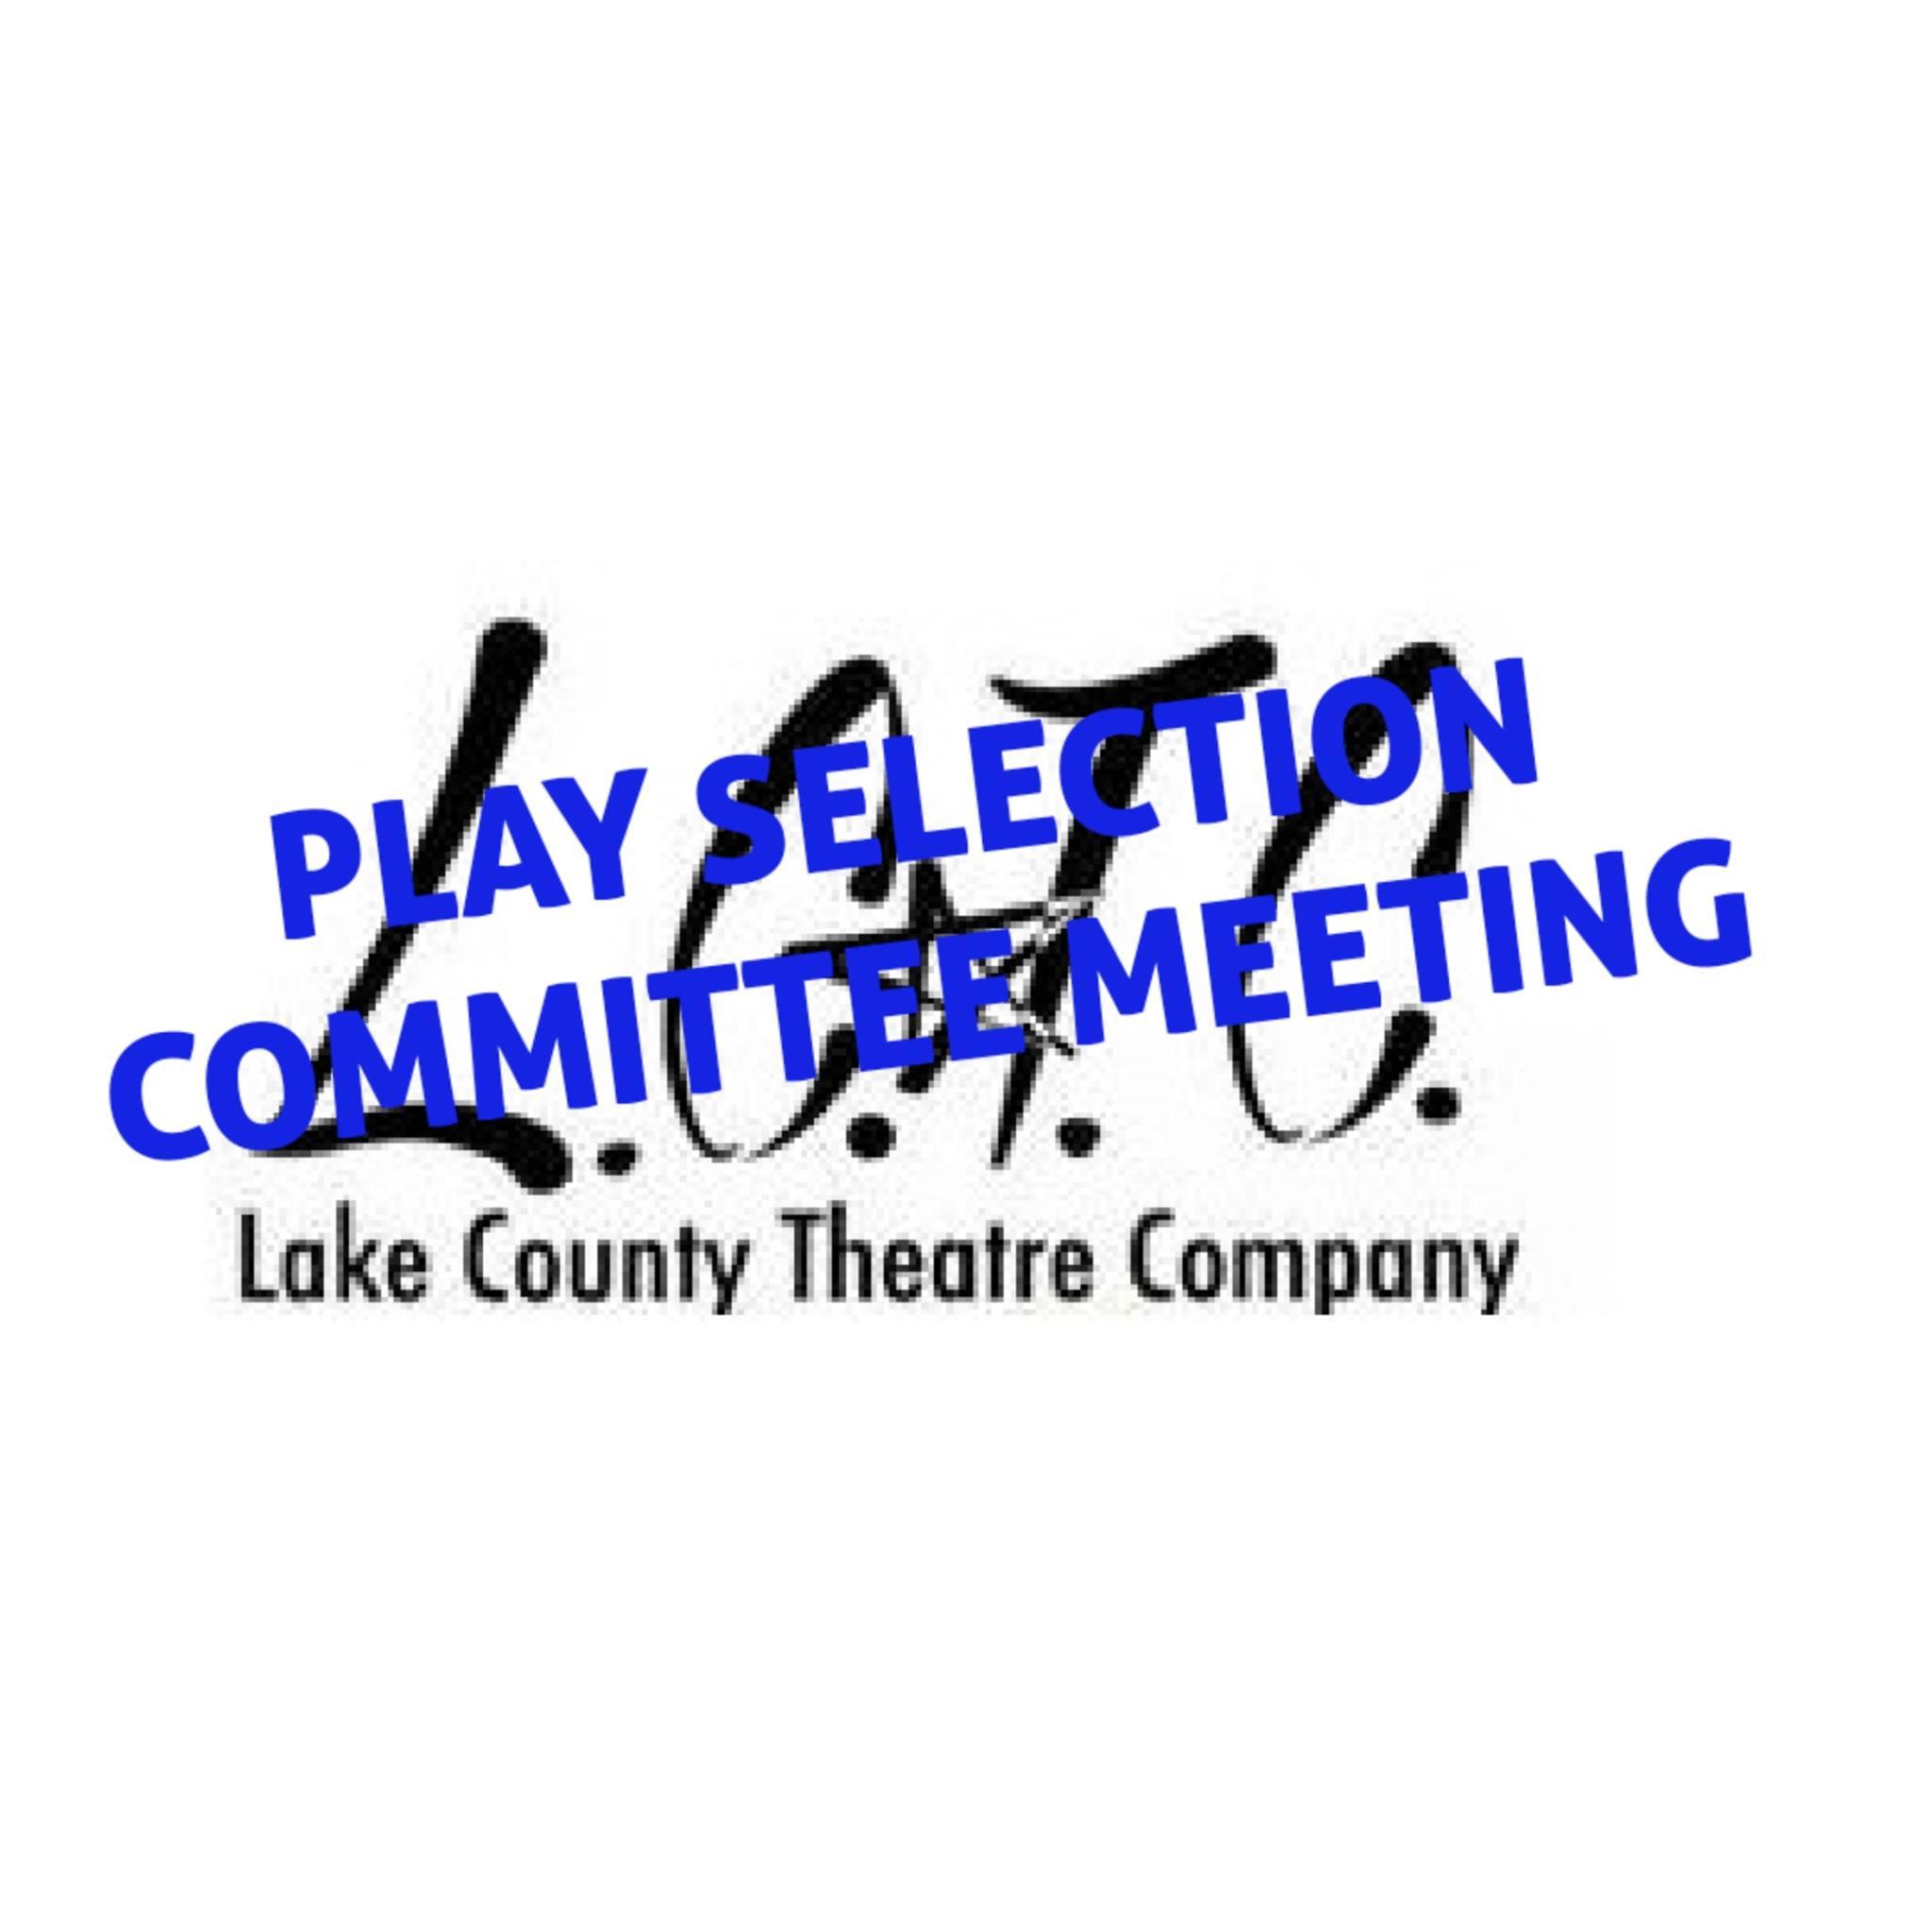 Committee Meeting Logo